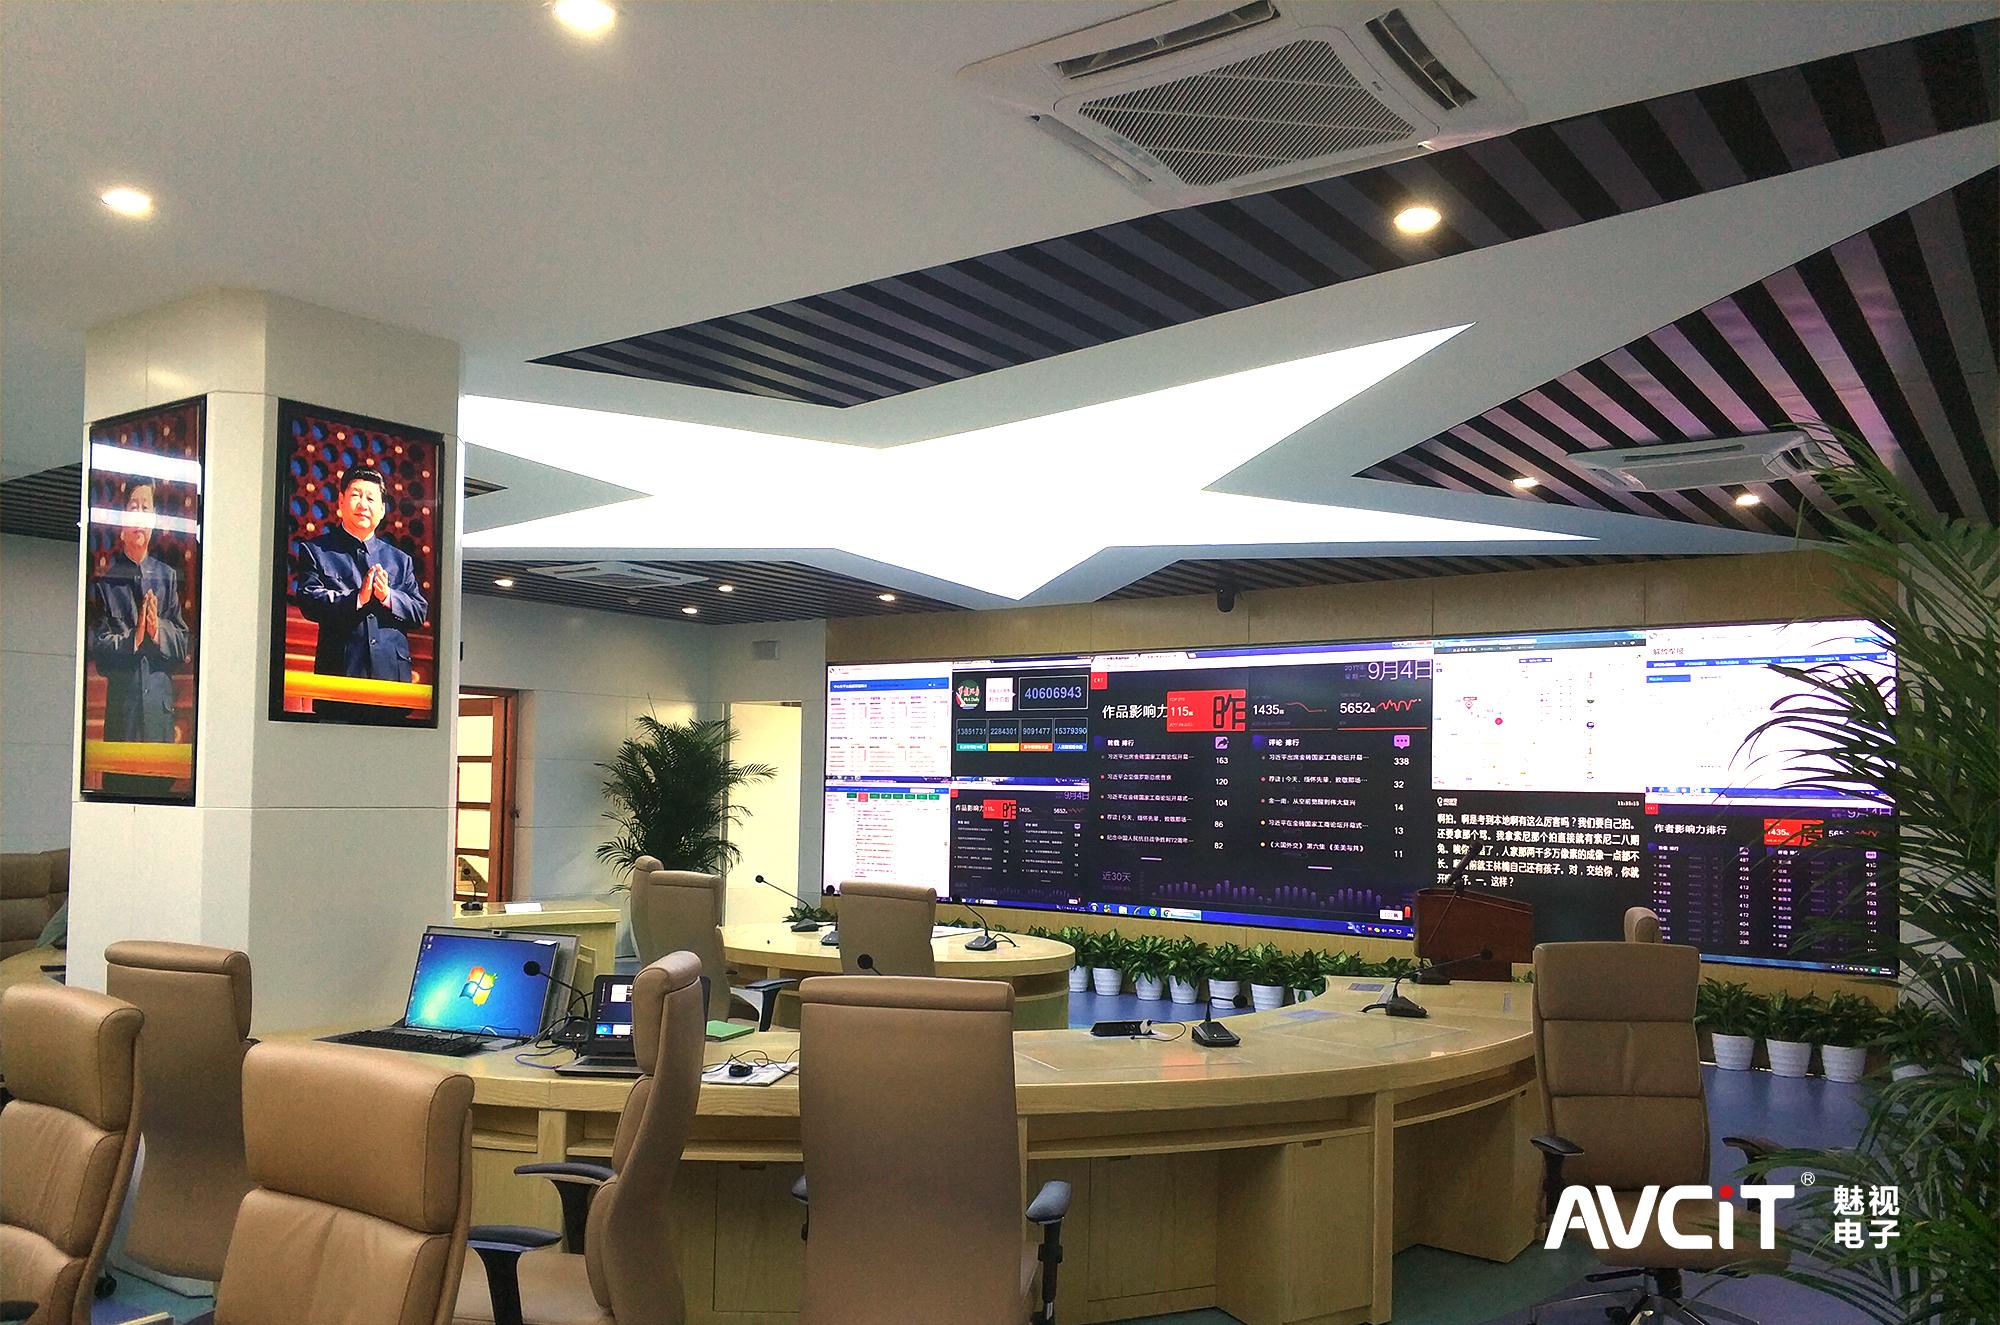 Media Fusion Command Center